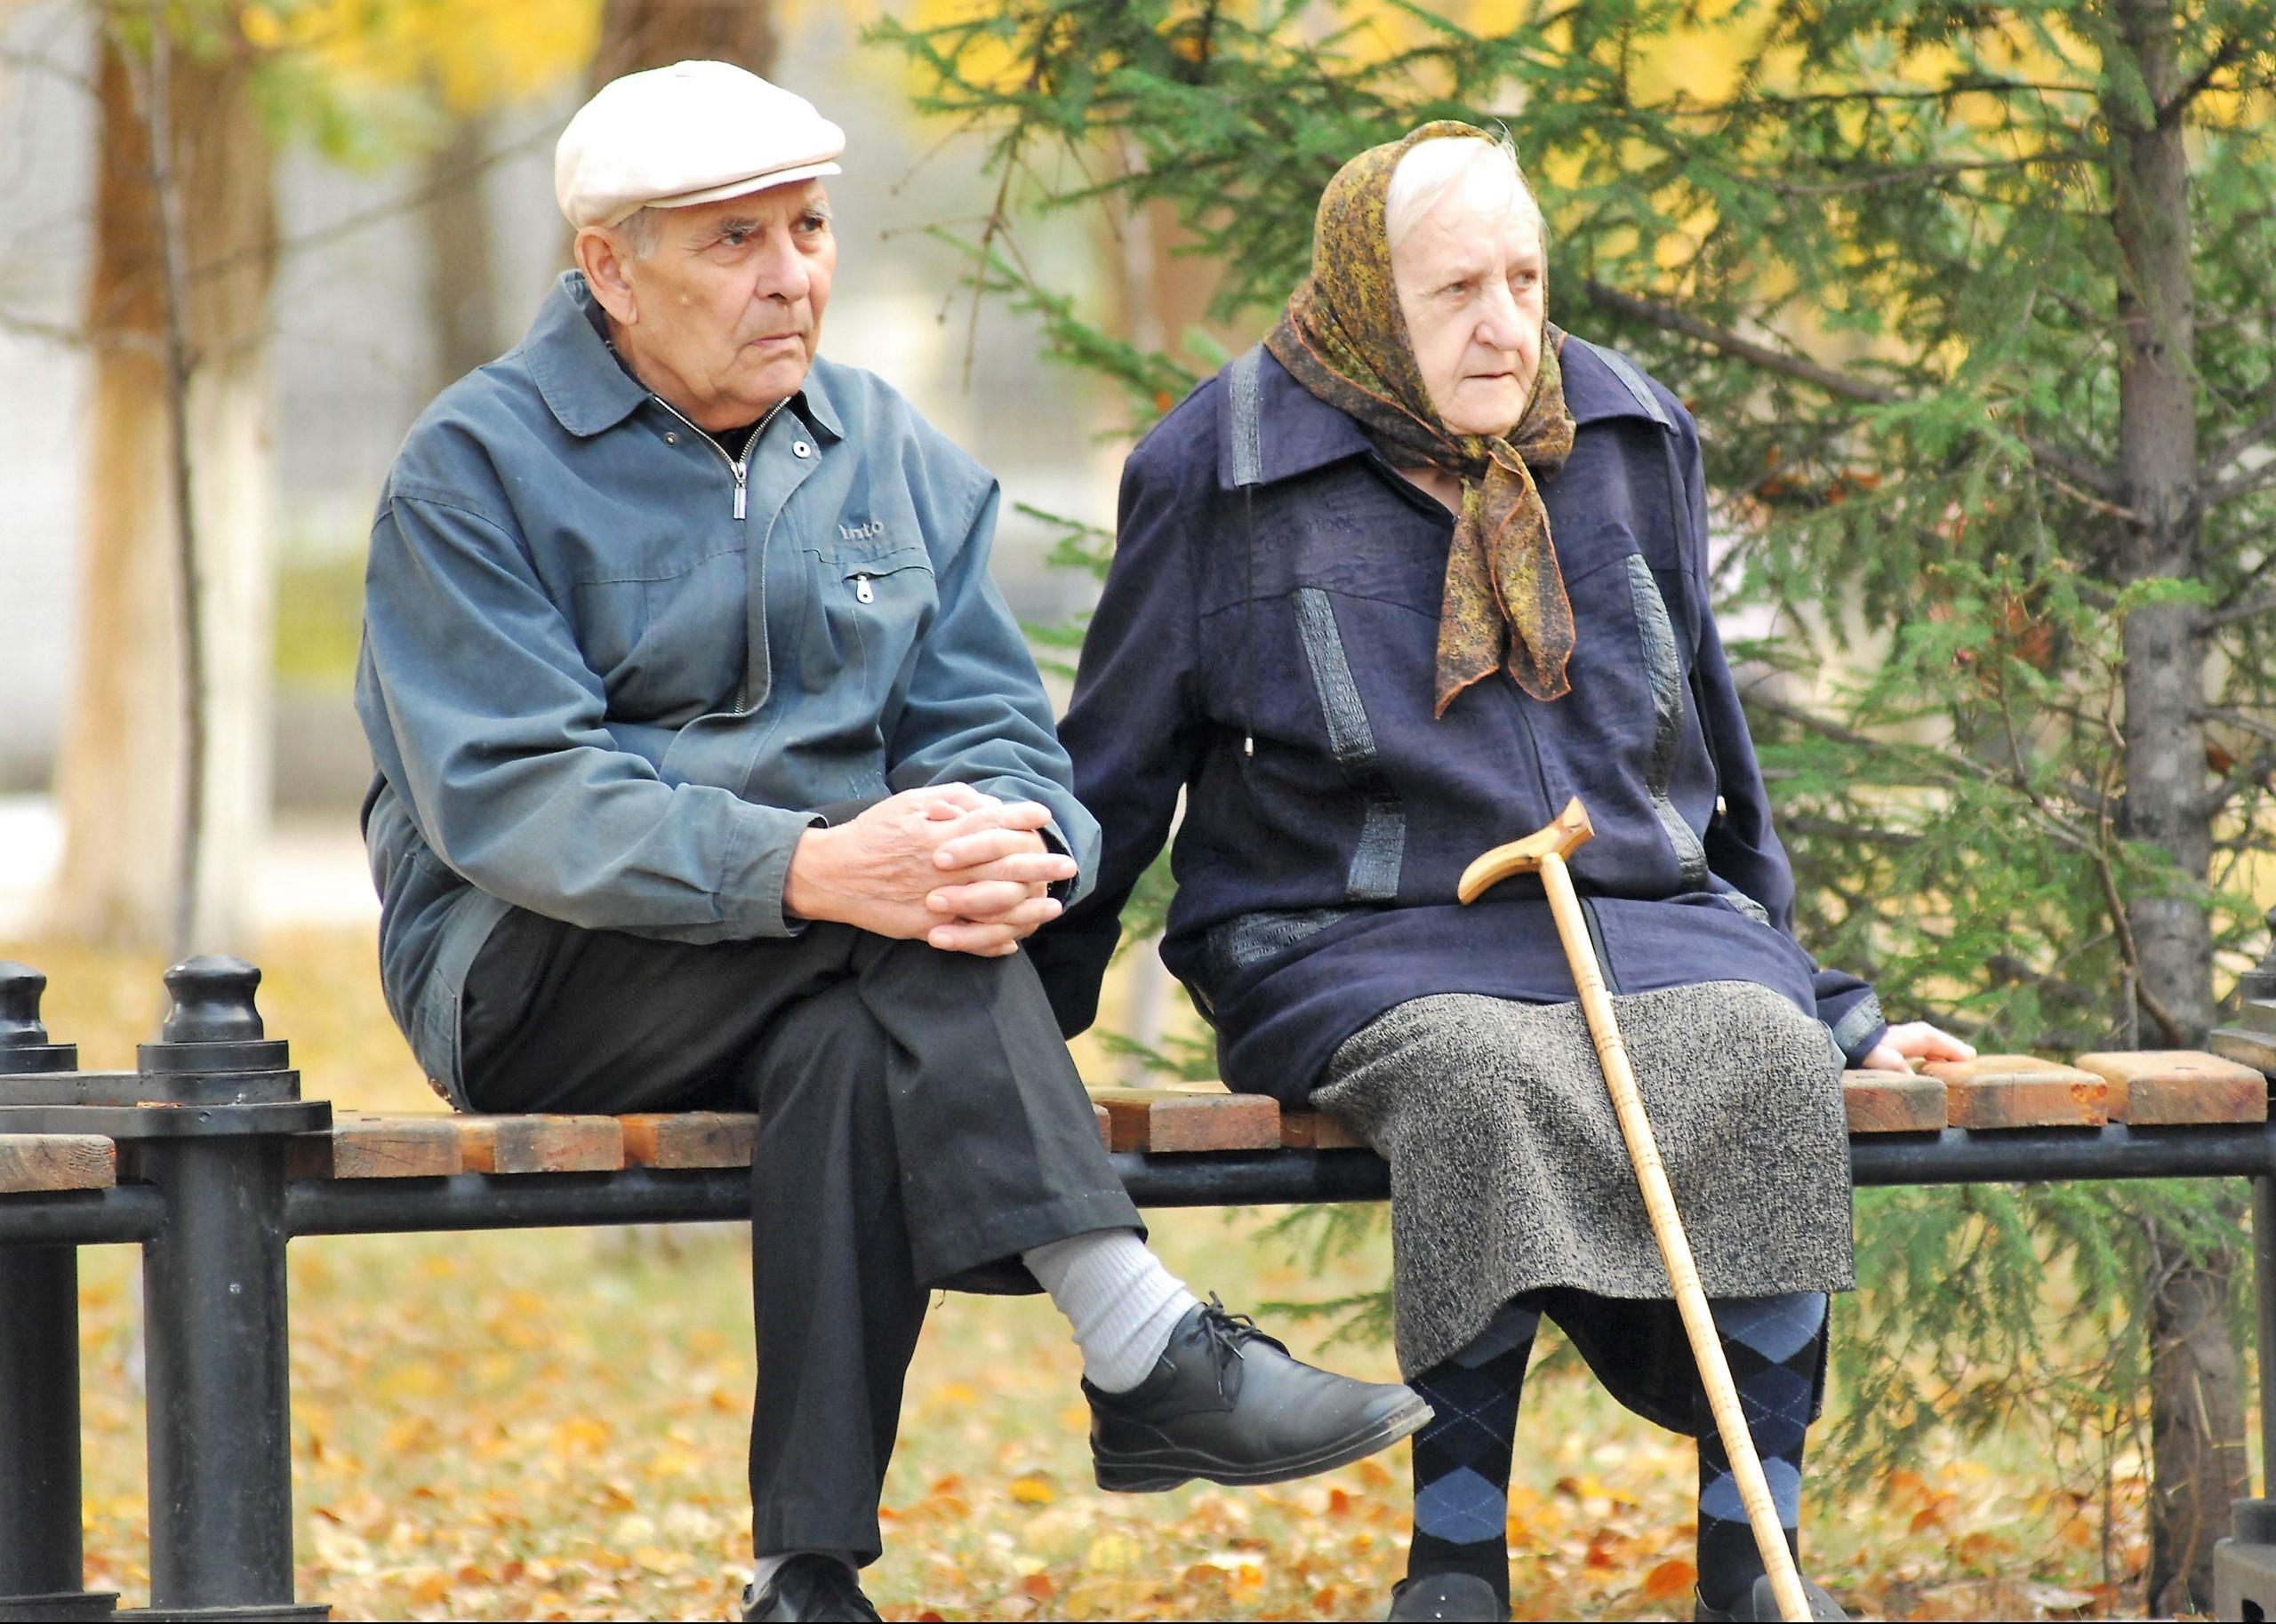 Пенсионерам Тверской области предложили выплачивать новые пособия